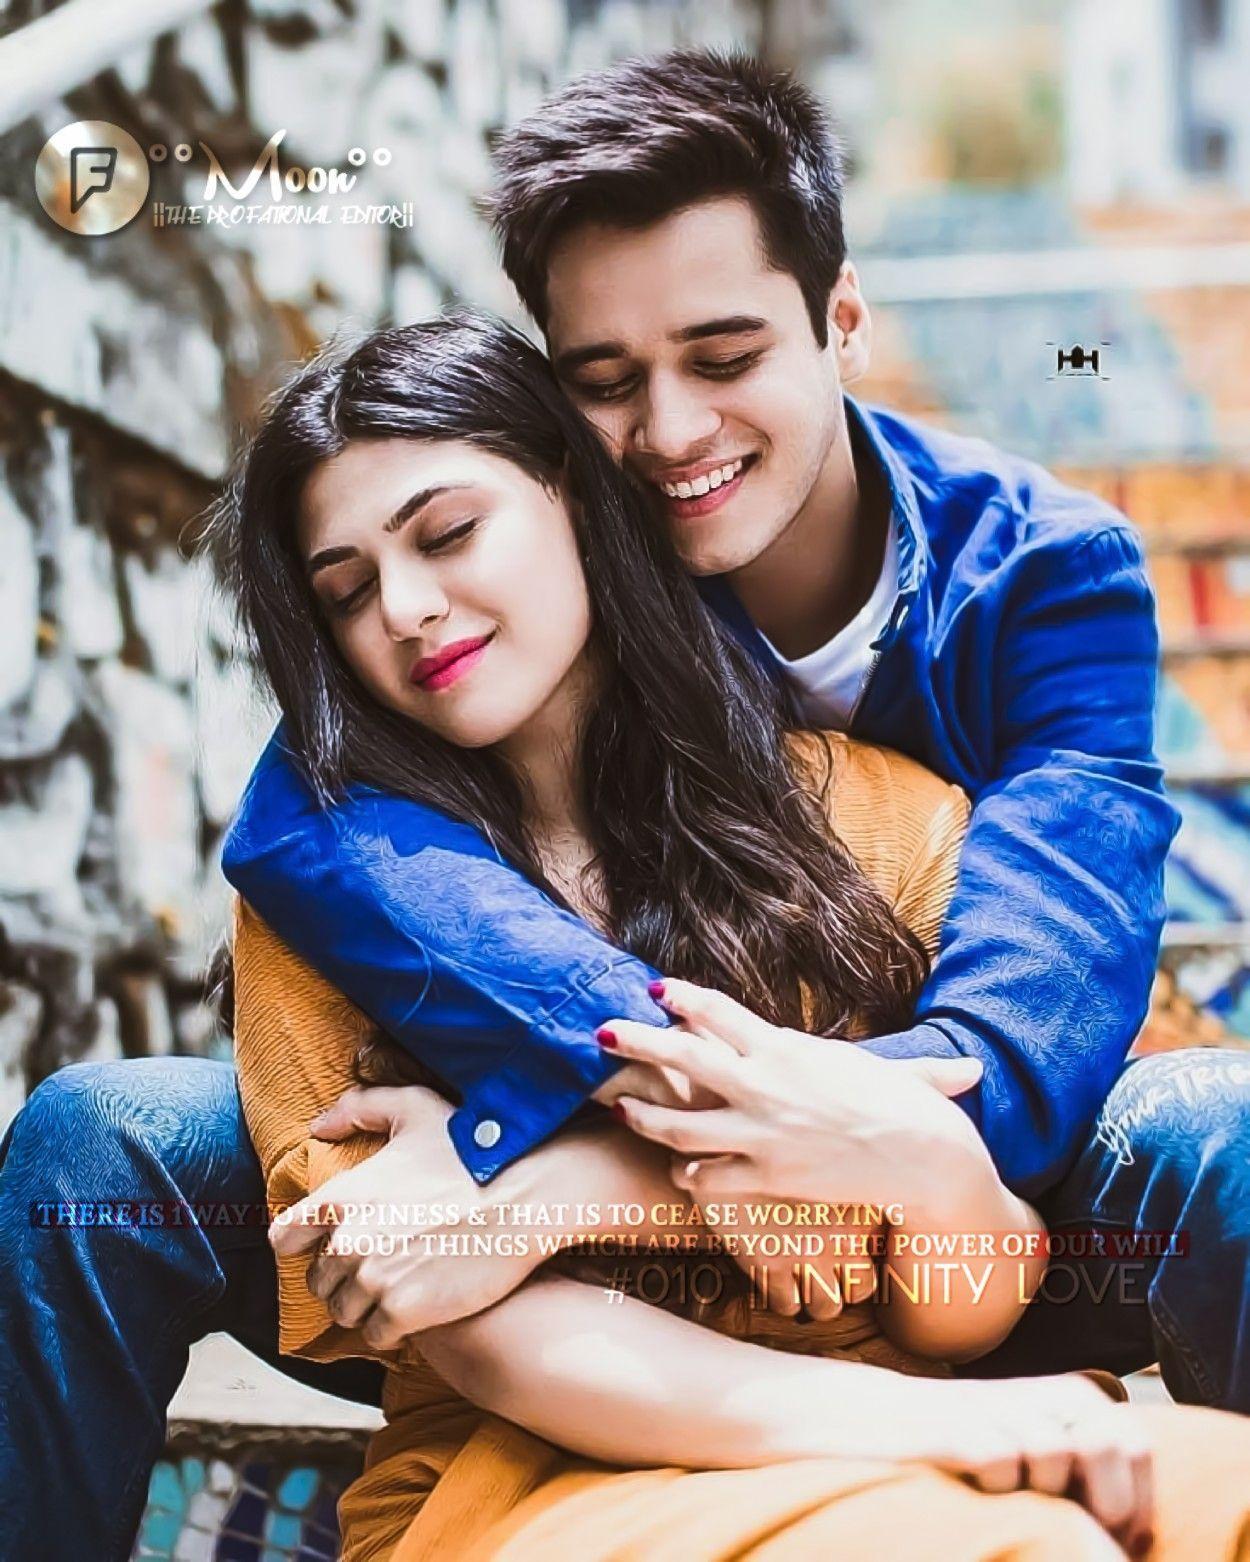 Romantic Whatsapp Dp Images Wallpaper Pics Hd Whatsapp Dp Images Romantic Couple Images Couple Dp